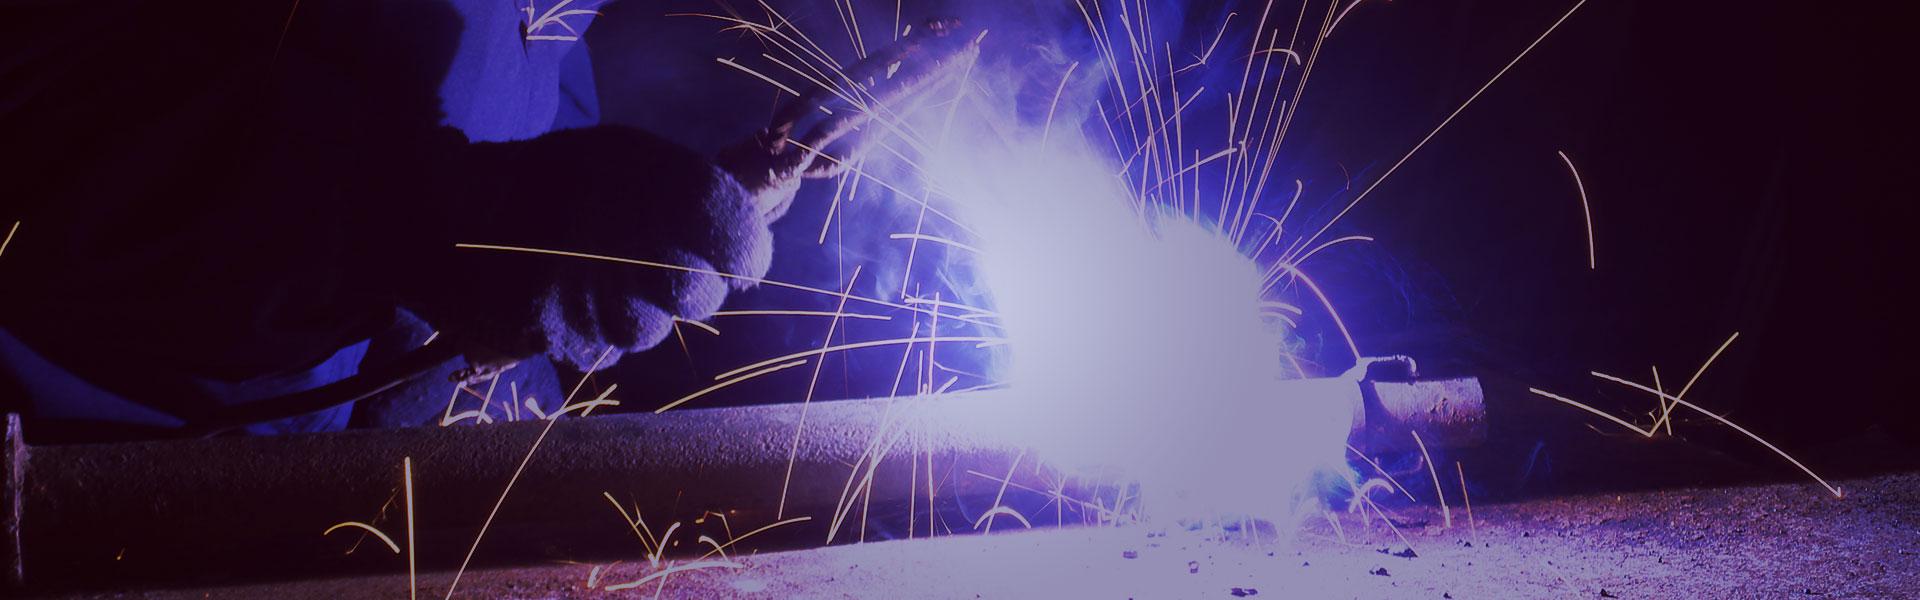 welding-procedure